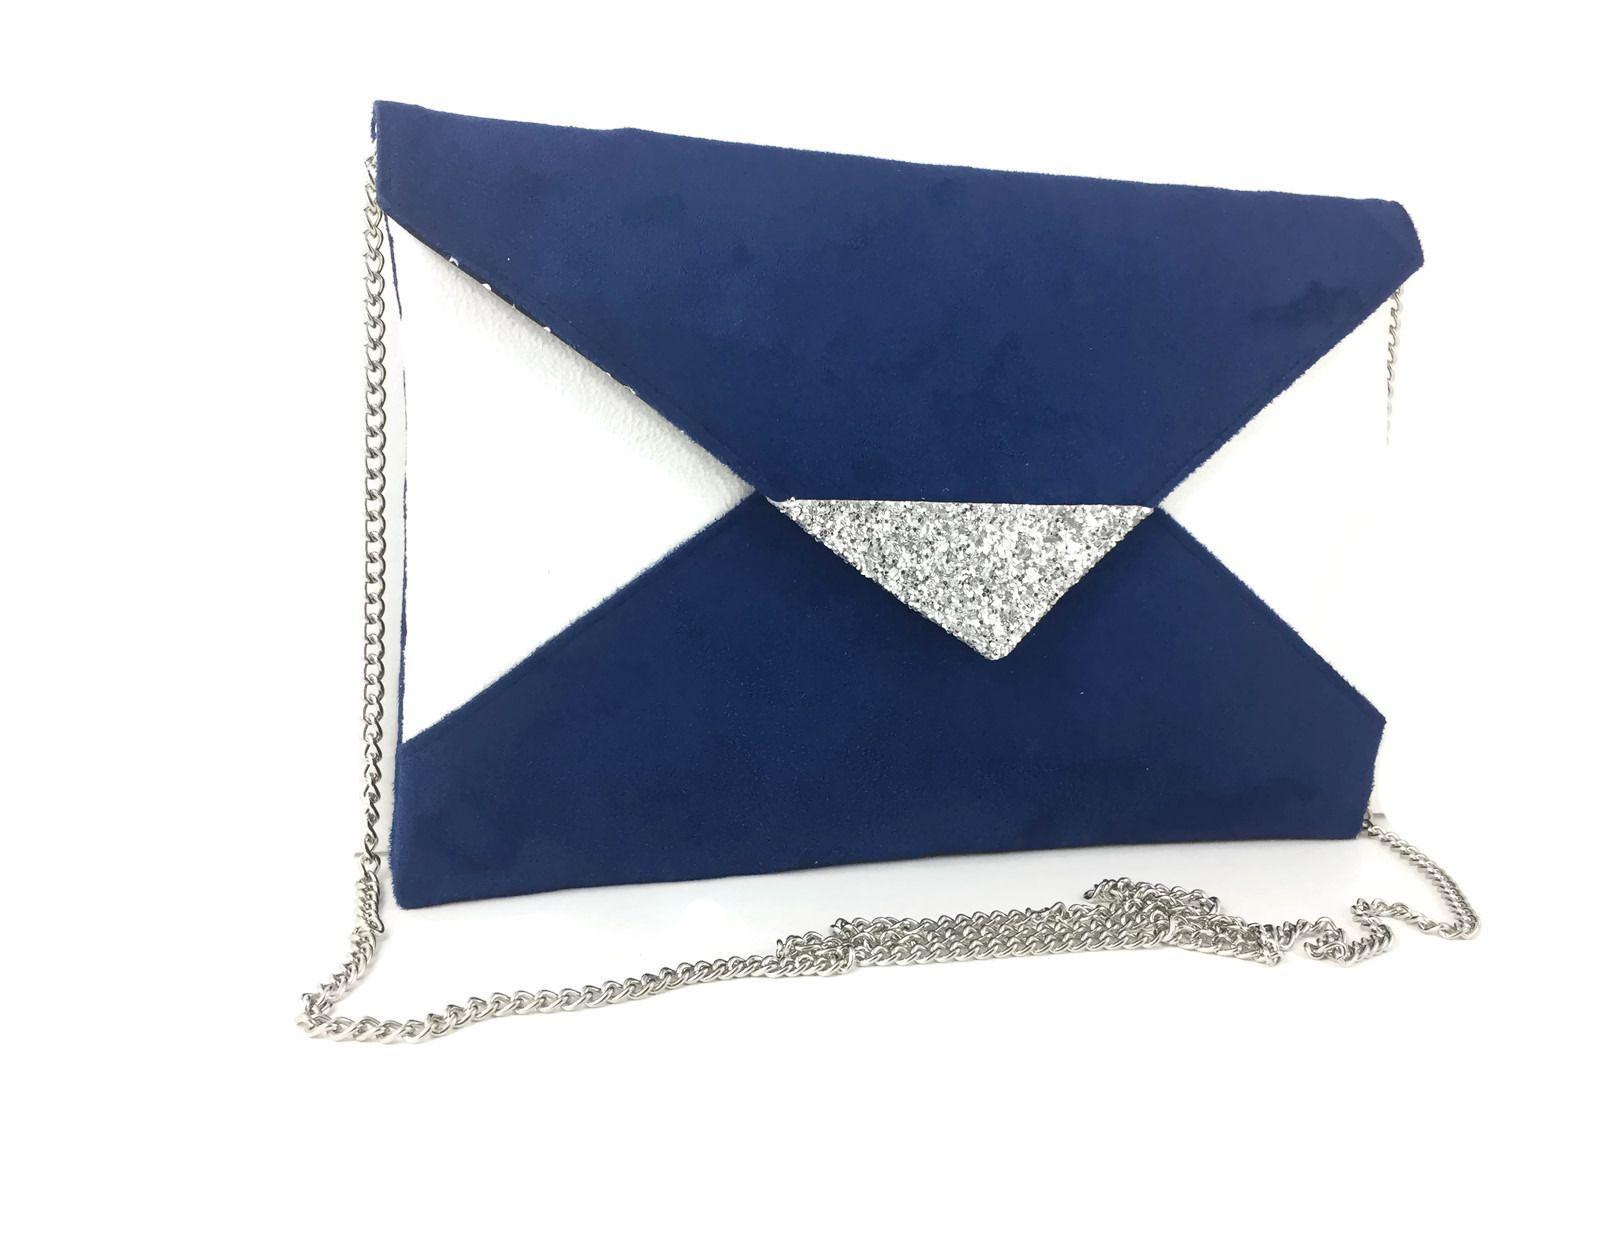 sac de soir e mariage bleu roi et blanc en su dine chaine. Black Bedroom Furniture Sets. Home Design Ideas